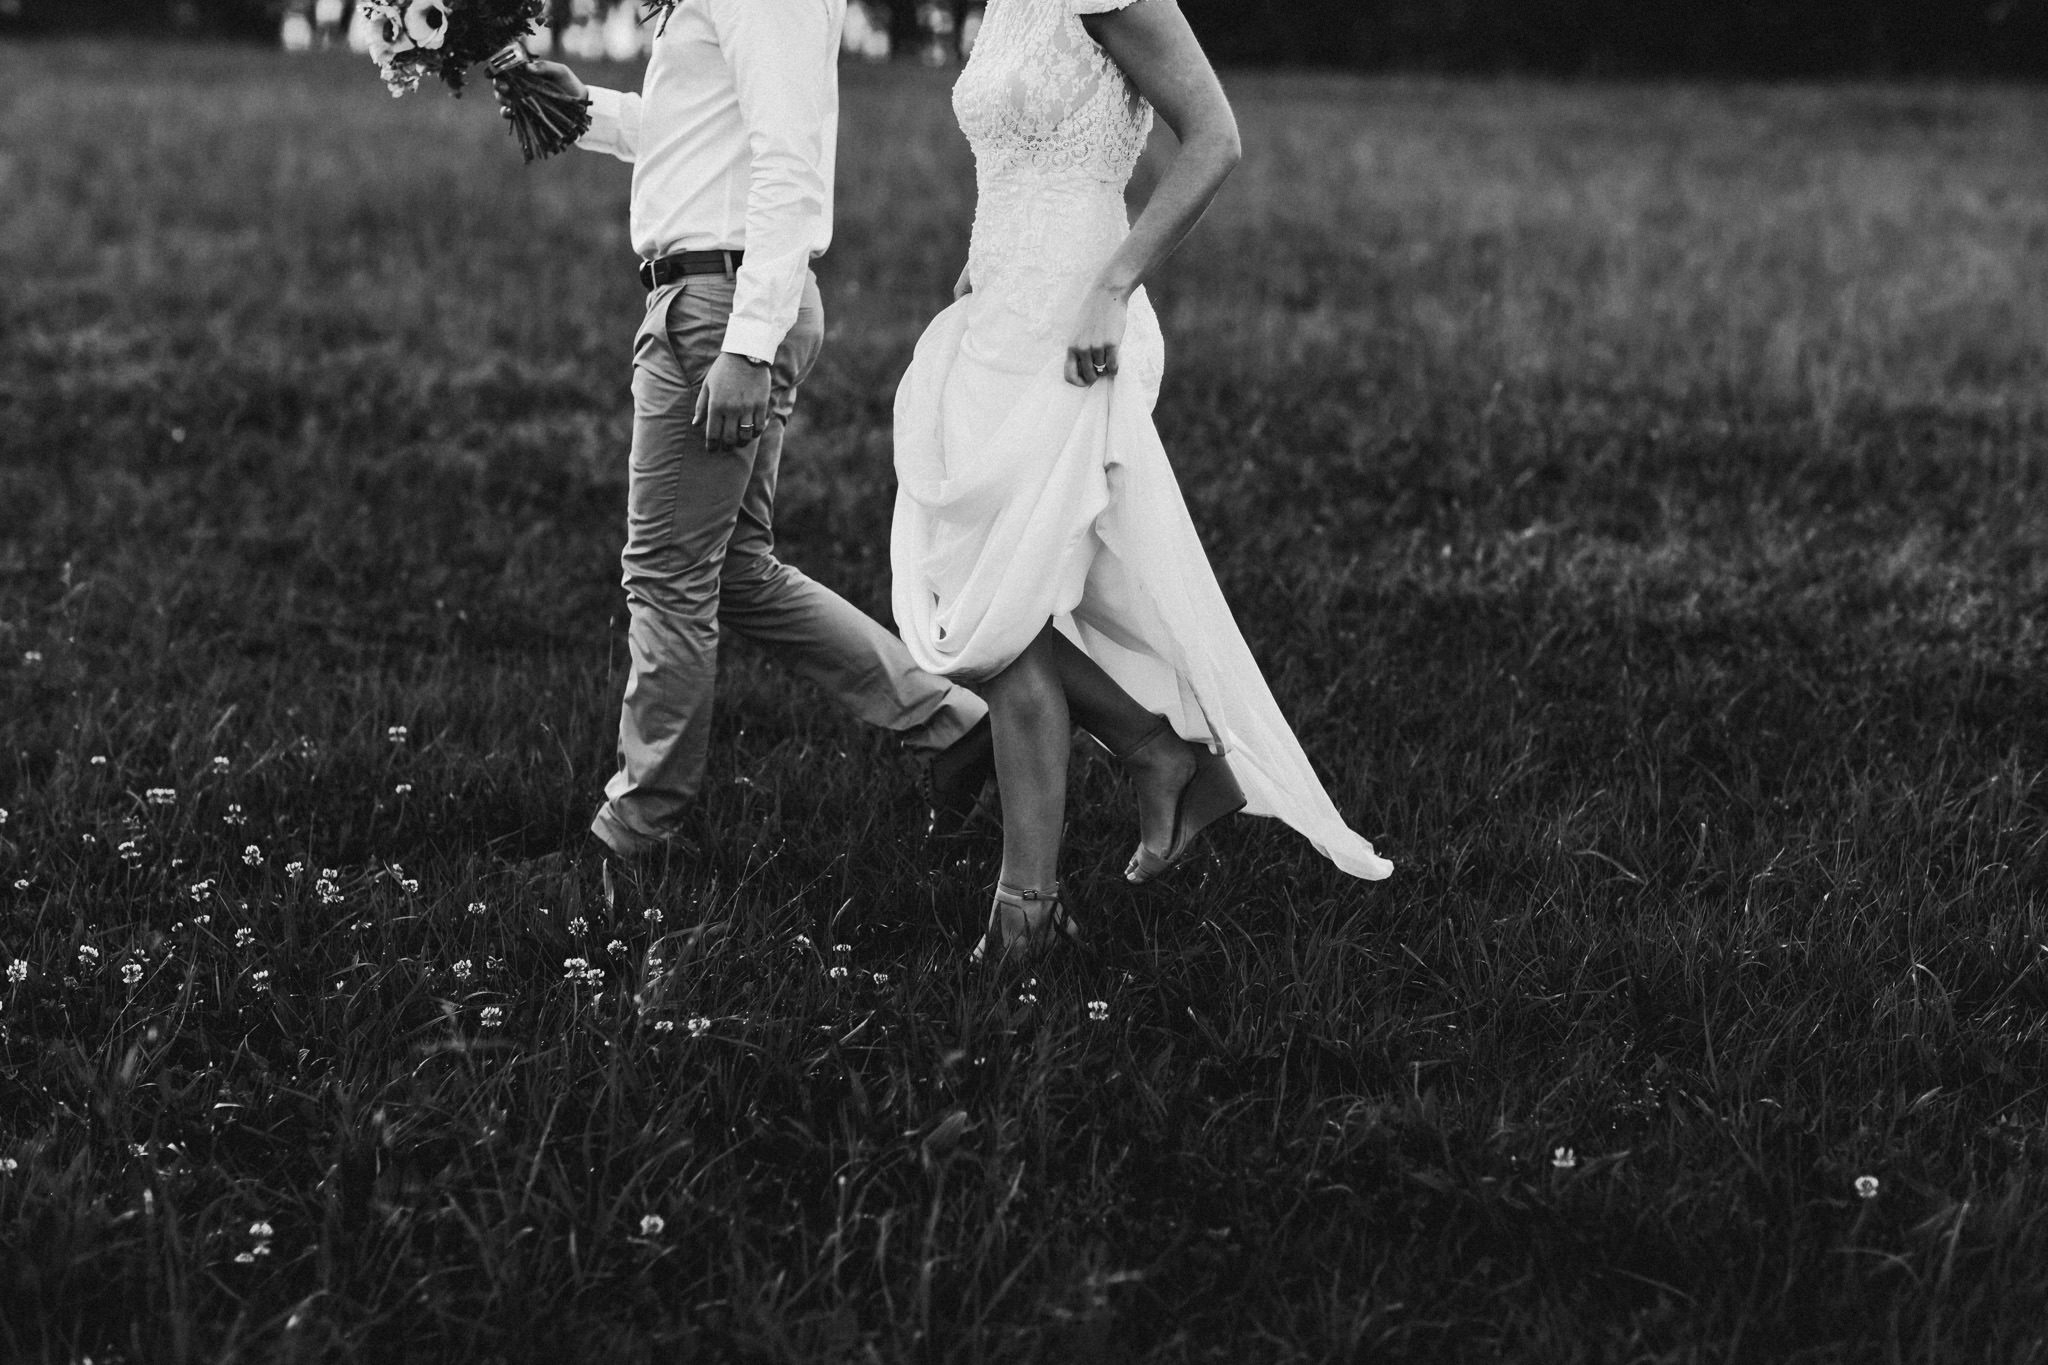 WeddingPhotos_Facebook_2048pixels-1659.jpg